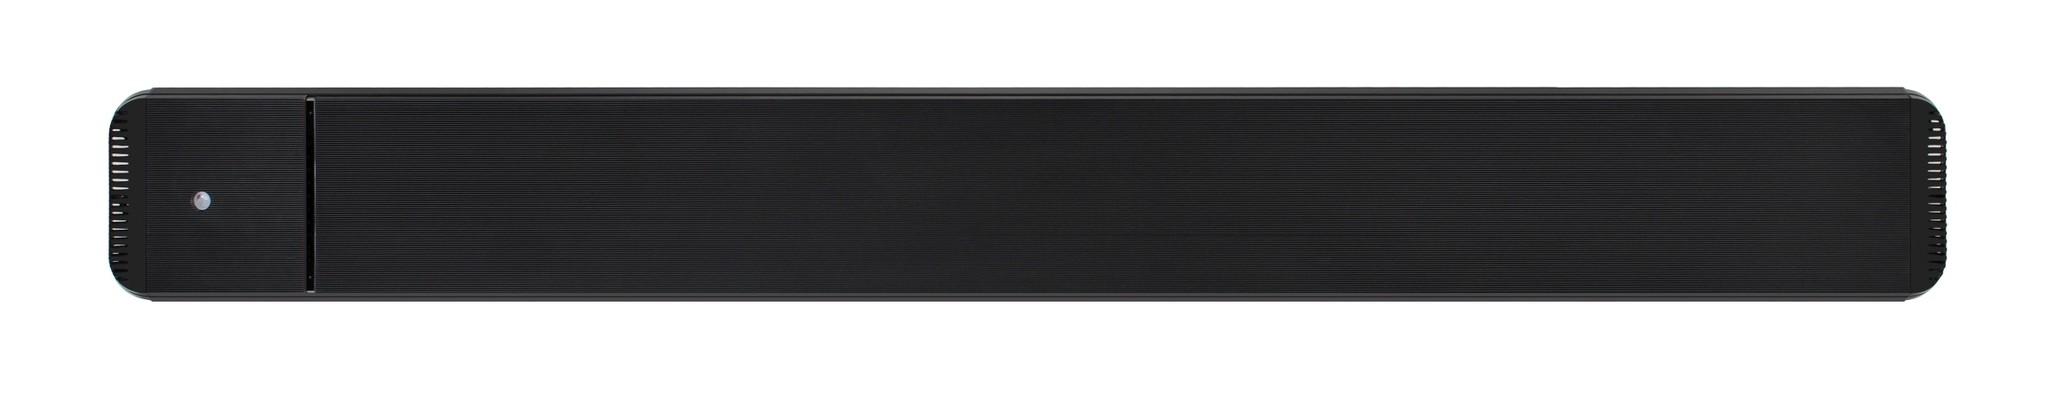 Infrarot Dunkelstrahler CasaTherm Heatpanel HOTTOP/D 3200W + FB + Schalter